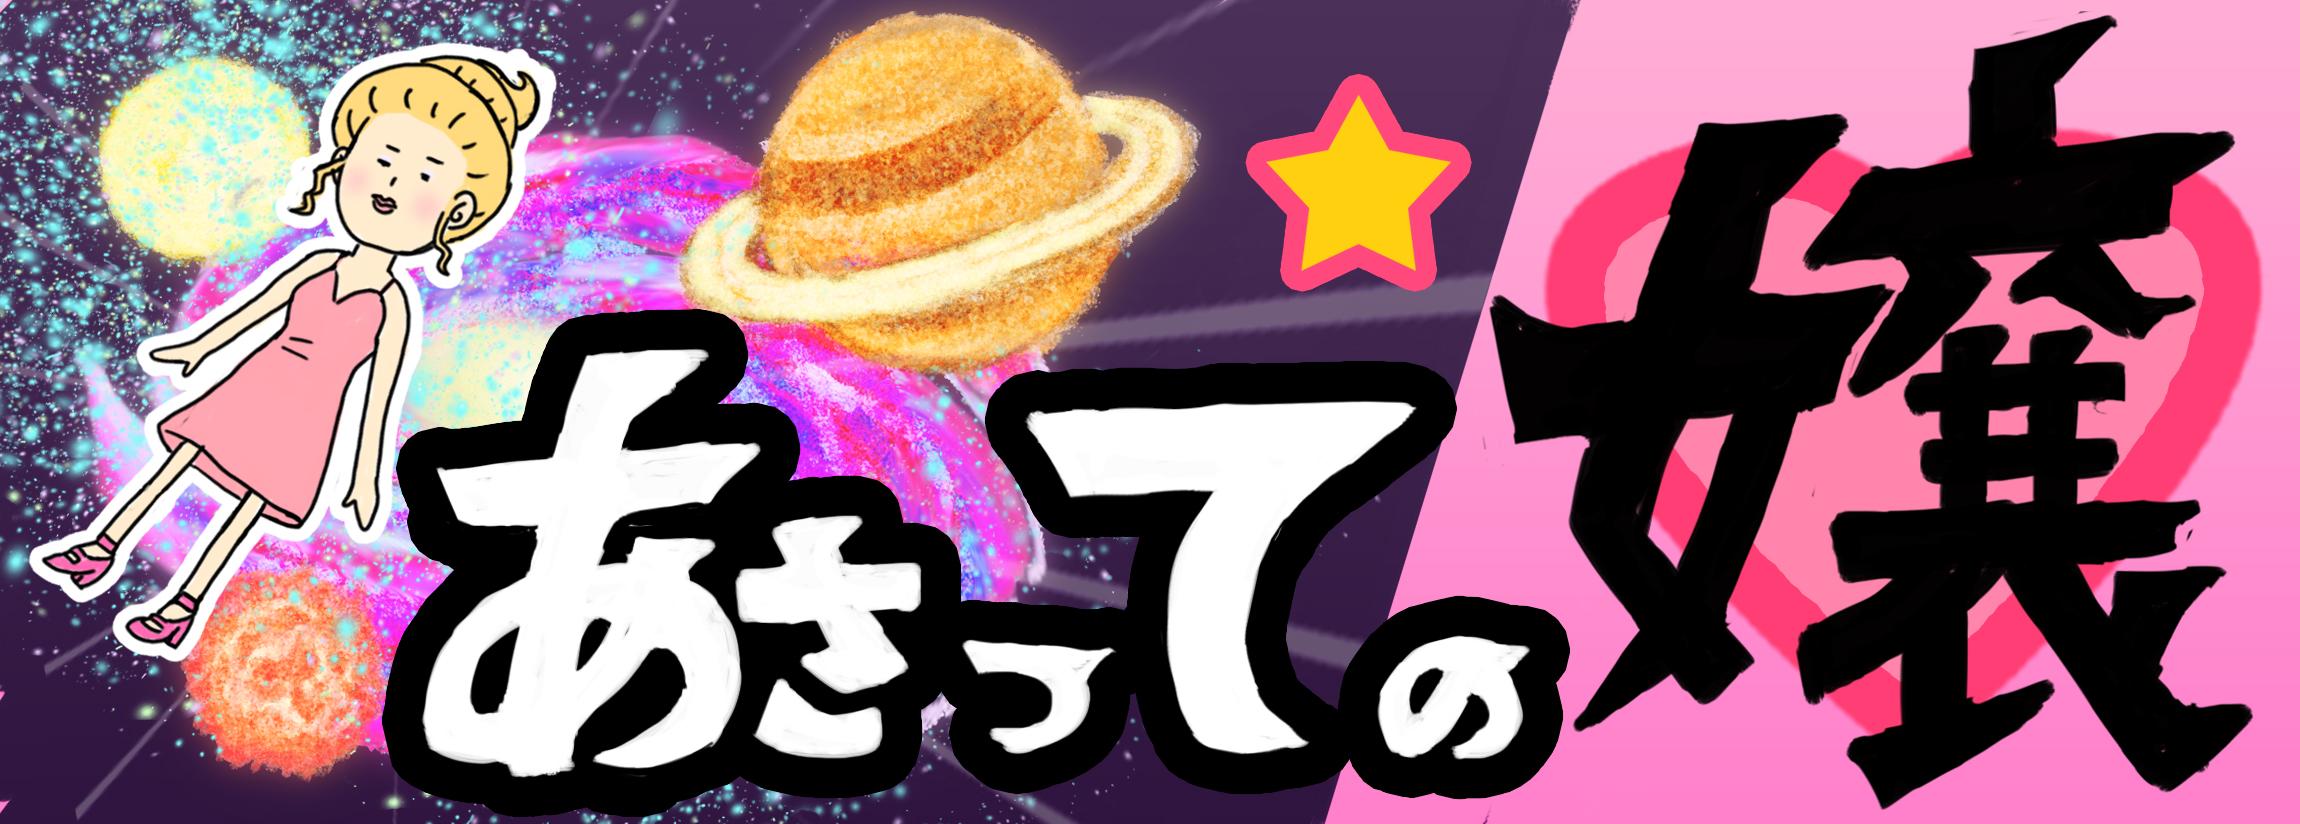 【キャバのり】あさっての嬢★最終話【4コマ】